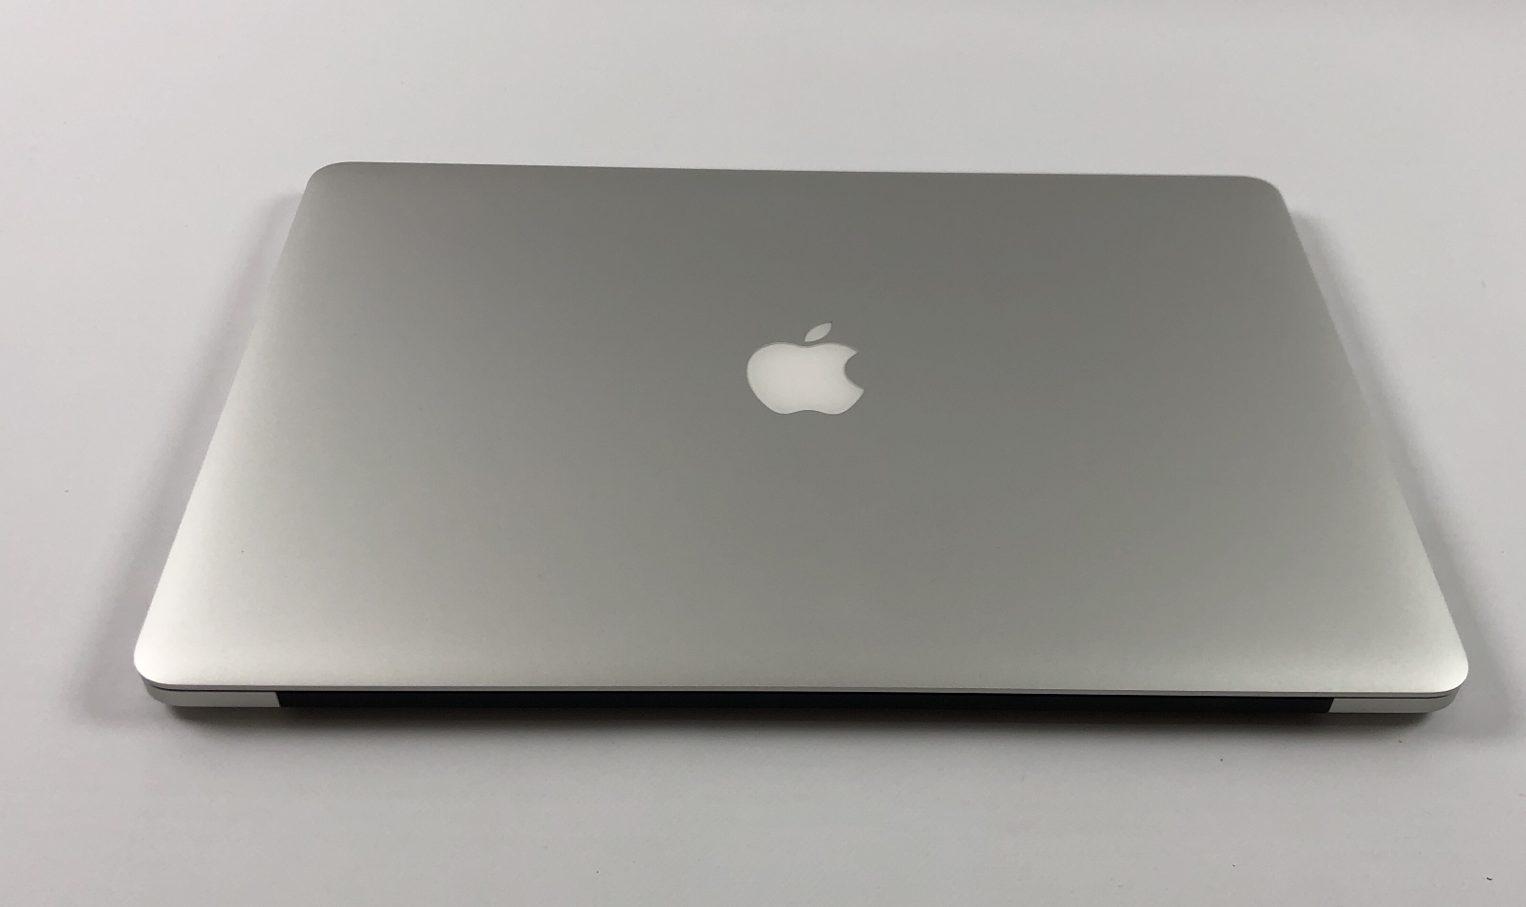 """MacBook Pro Retina 15"""" Mid 2014 (Intel Quad-Core i7 2.2 GHz 16 GB RAM 512 GB SSD), Intel Quad-Core i7 2.2 GHz, 16 GB RAM, 512 GB SSD, Bild 2"""